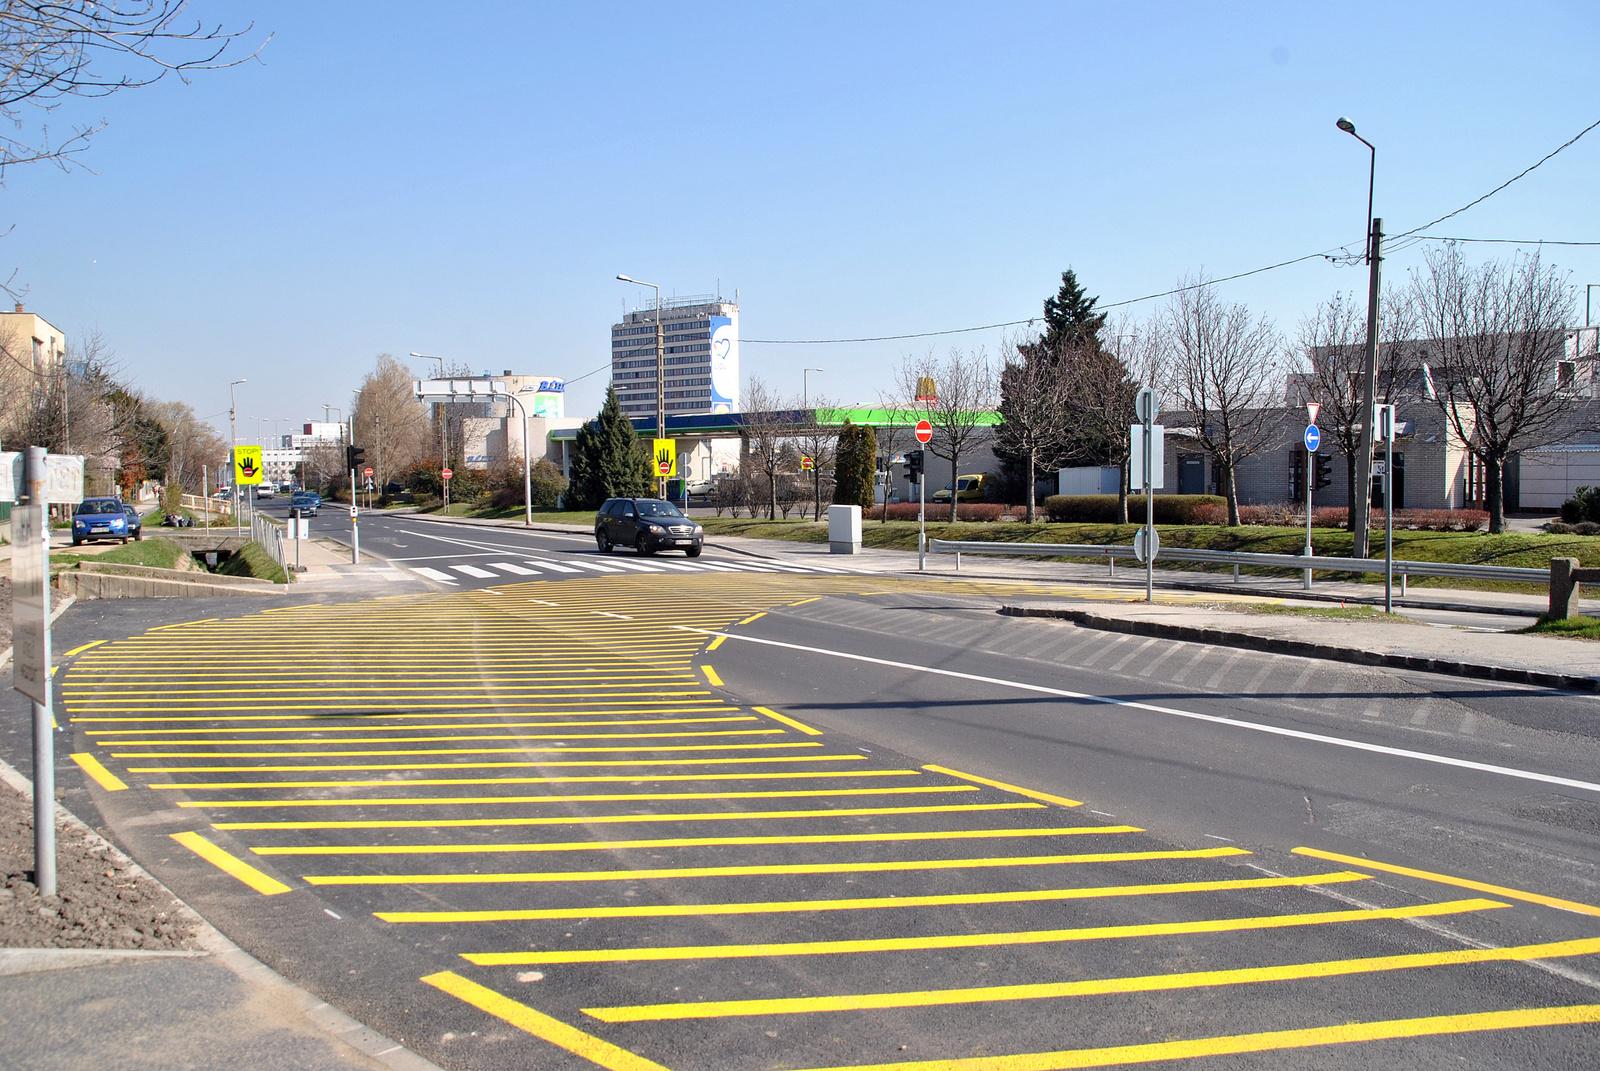 Buszútvonal a metró végállomástól